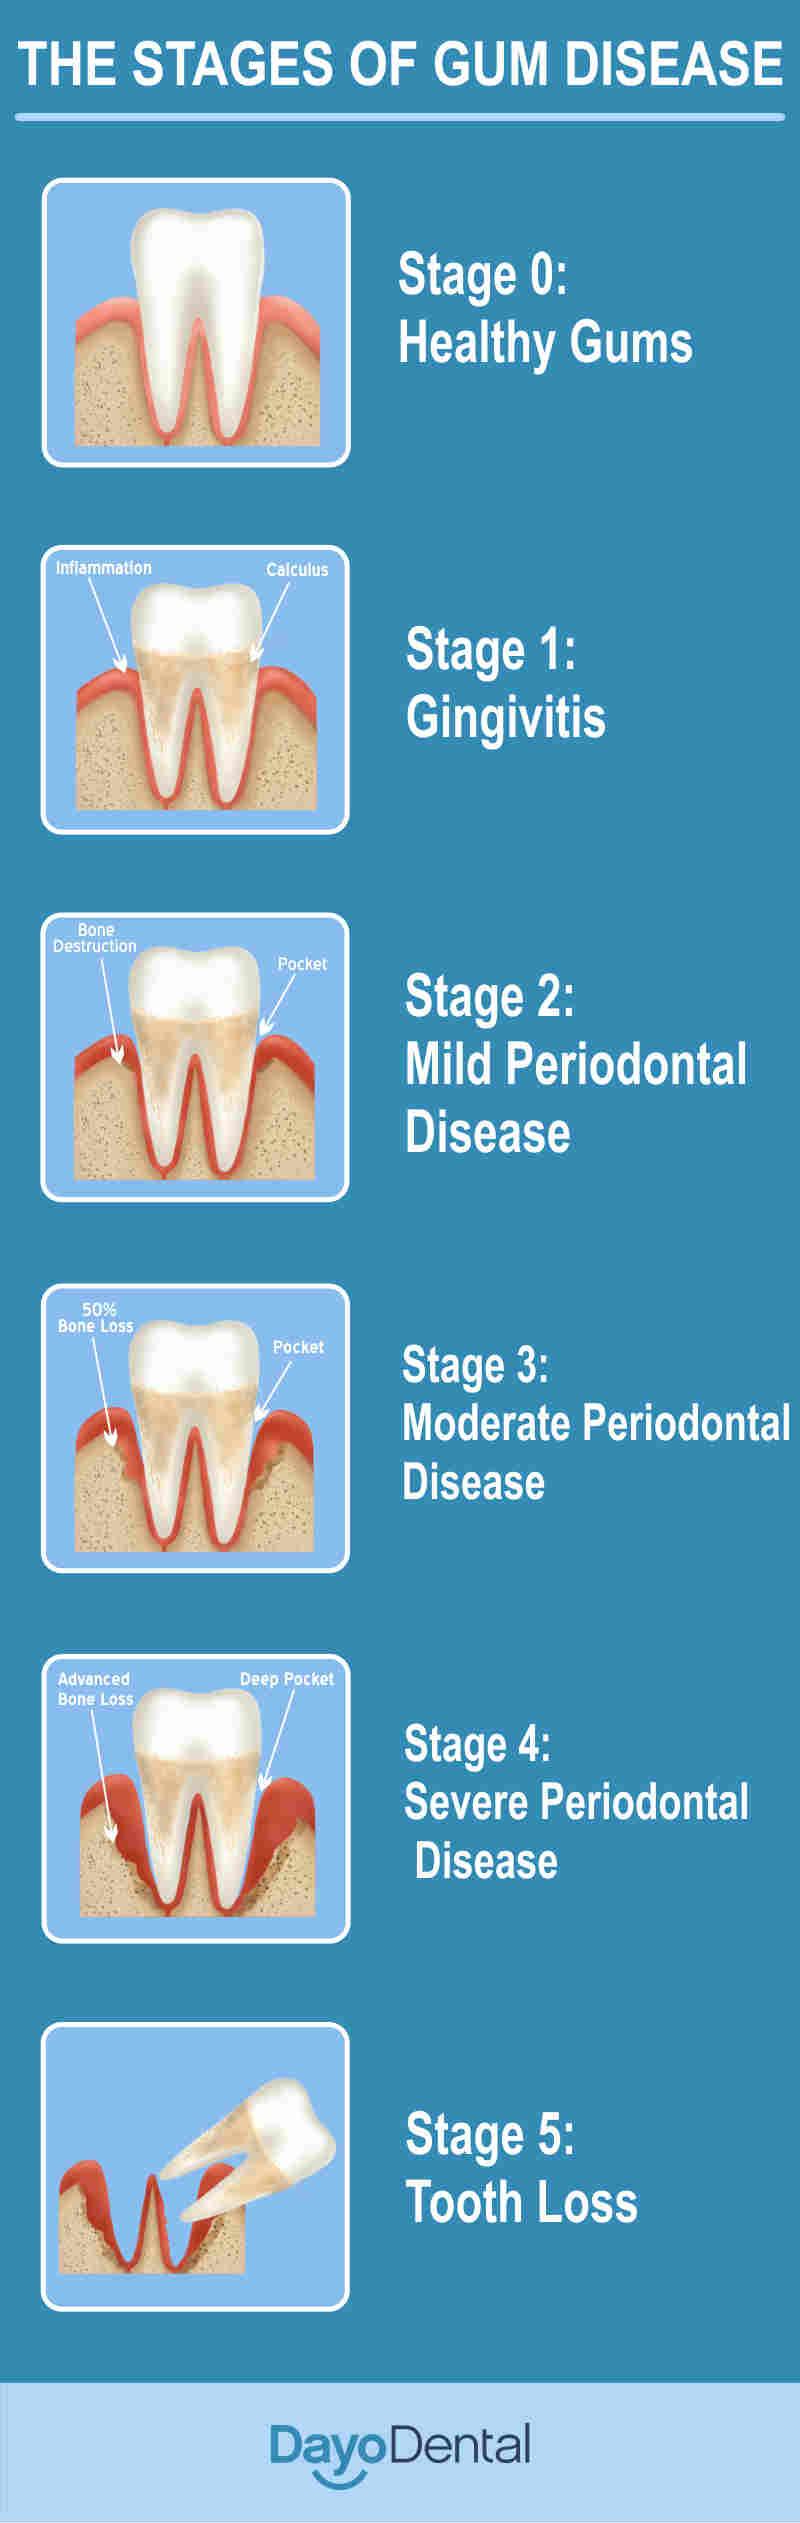 Stages of Periodontal Disease - Gum Disease